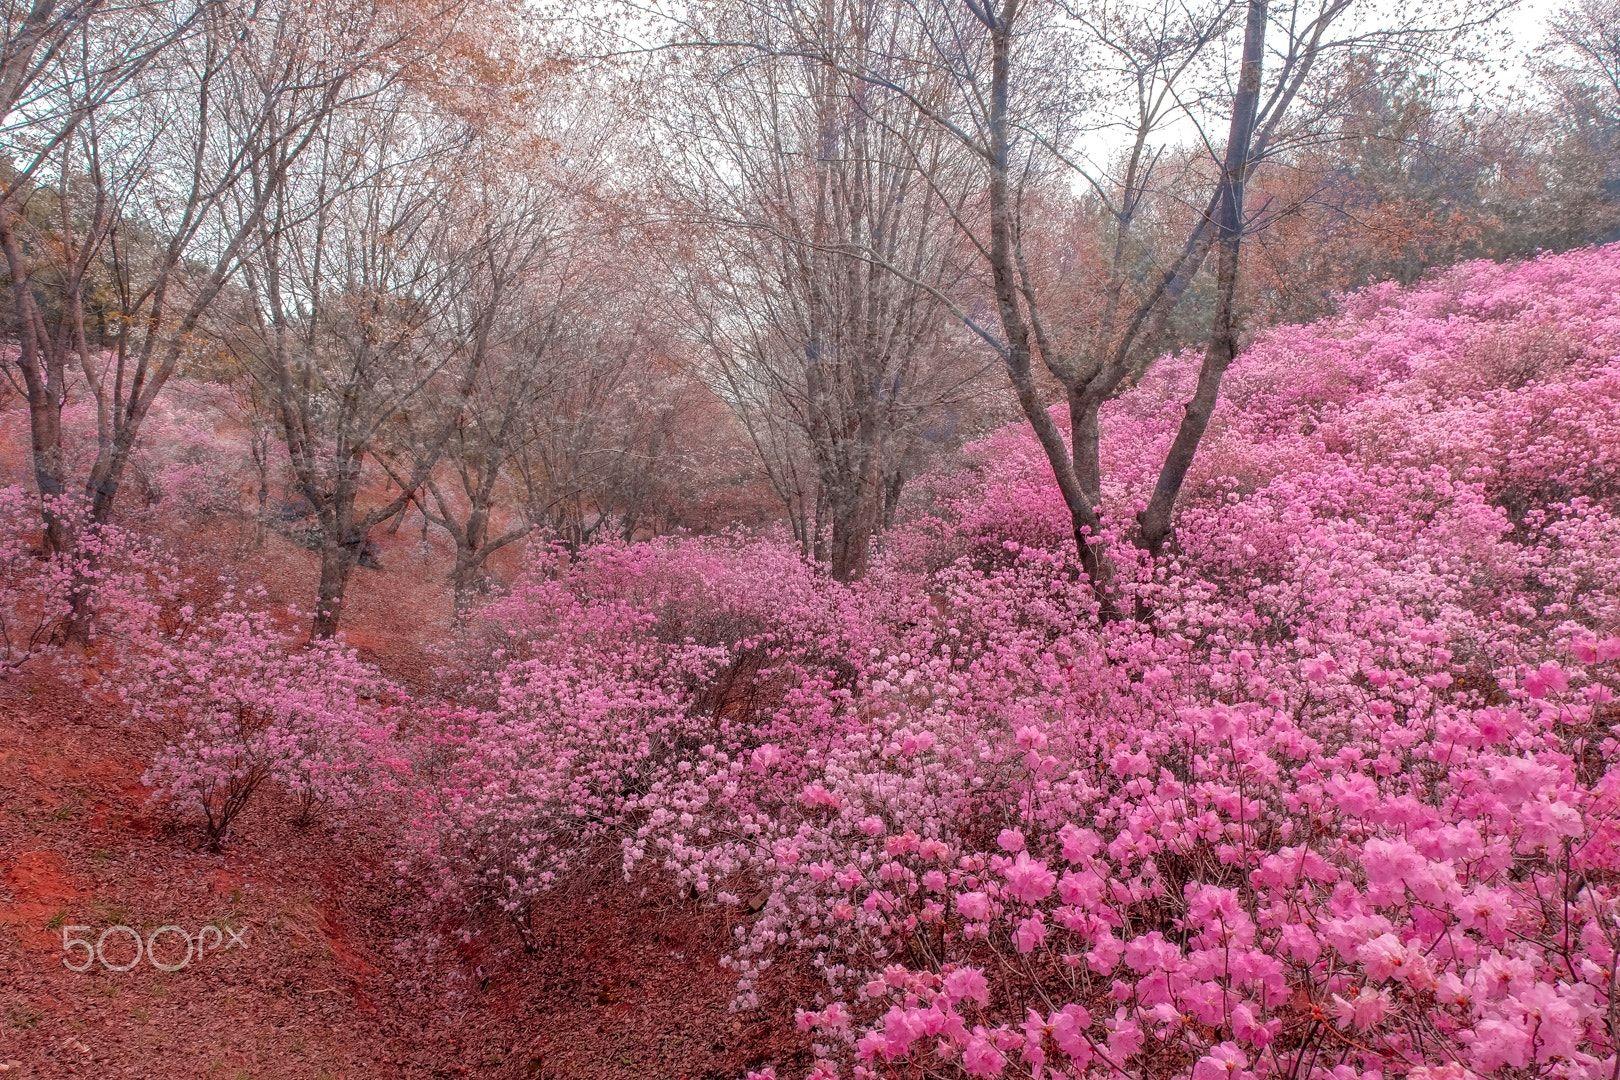 Deamy pink -